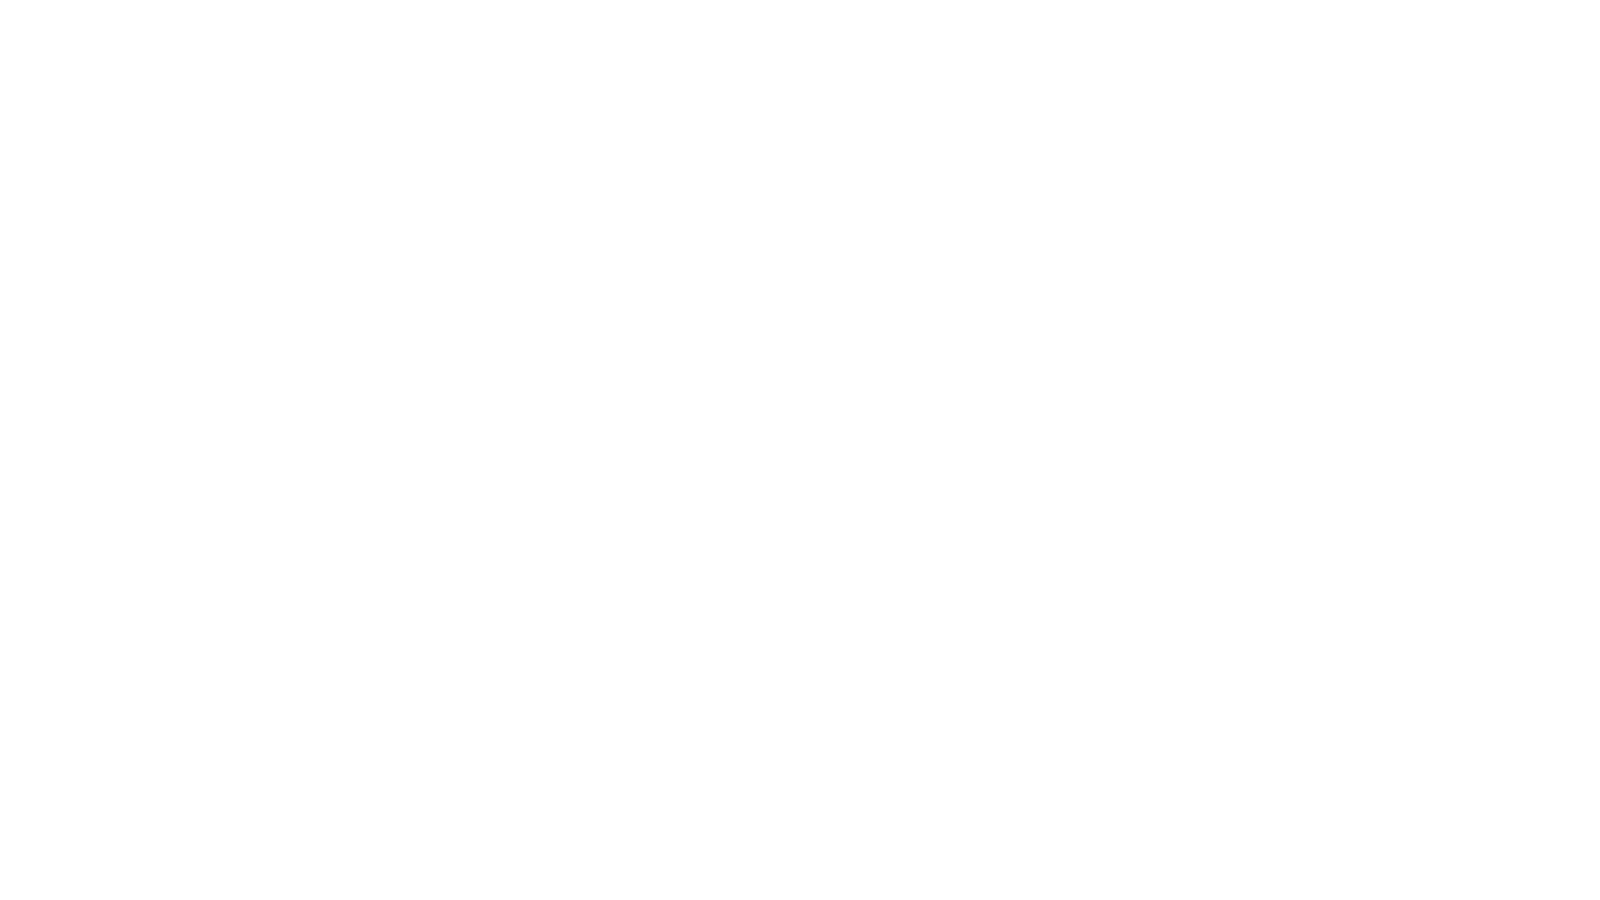 Wir haben in diesem Video so extrem viel zu berichten. GZUZ bestellt bei uns und wir bringen einen extremen Sound mit NAP zu Stande. Himmet bekommt die aktuell letzte verfügbare, schwarze Hellcat. Wir stellen NAP vor. Wir wünschen viel Vergnügen beim Schauen.